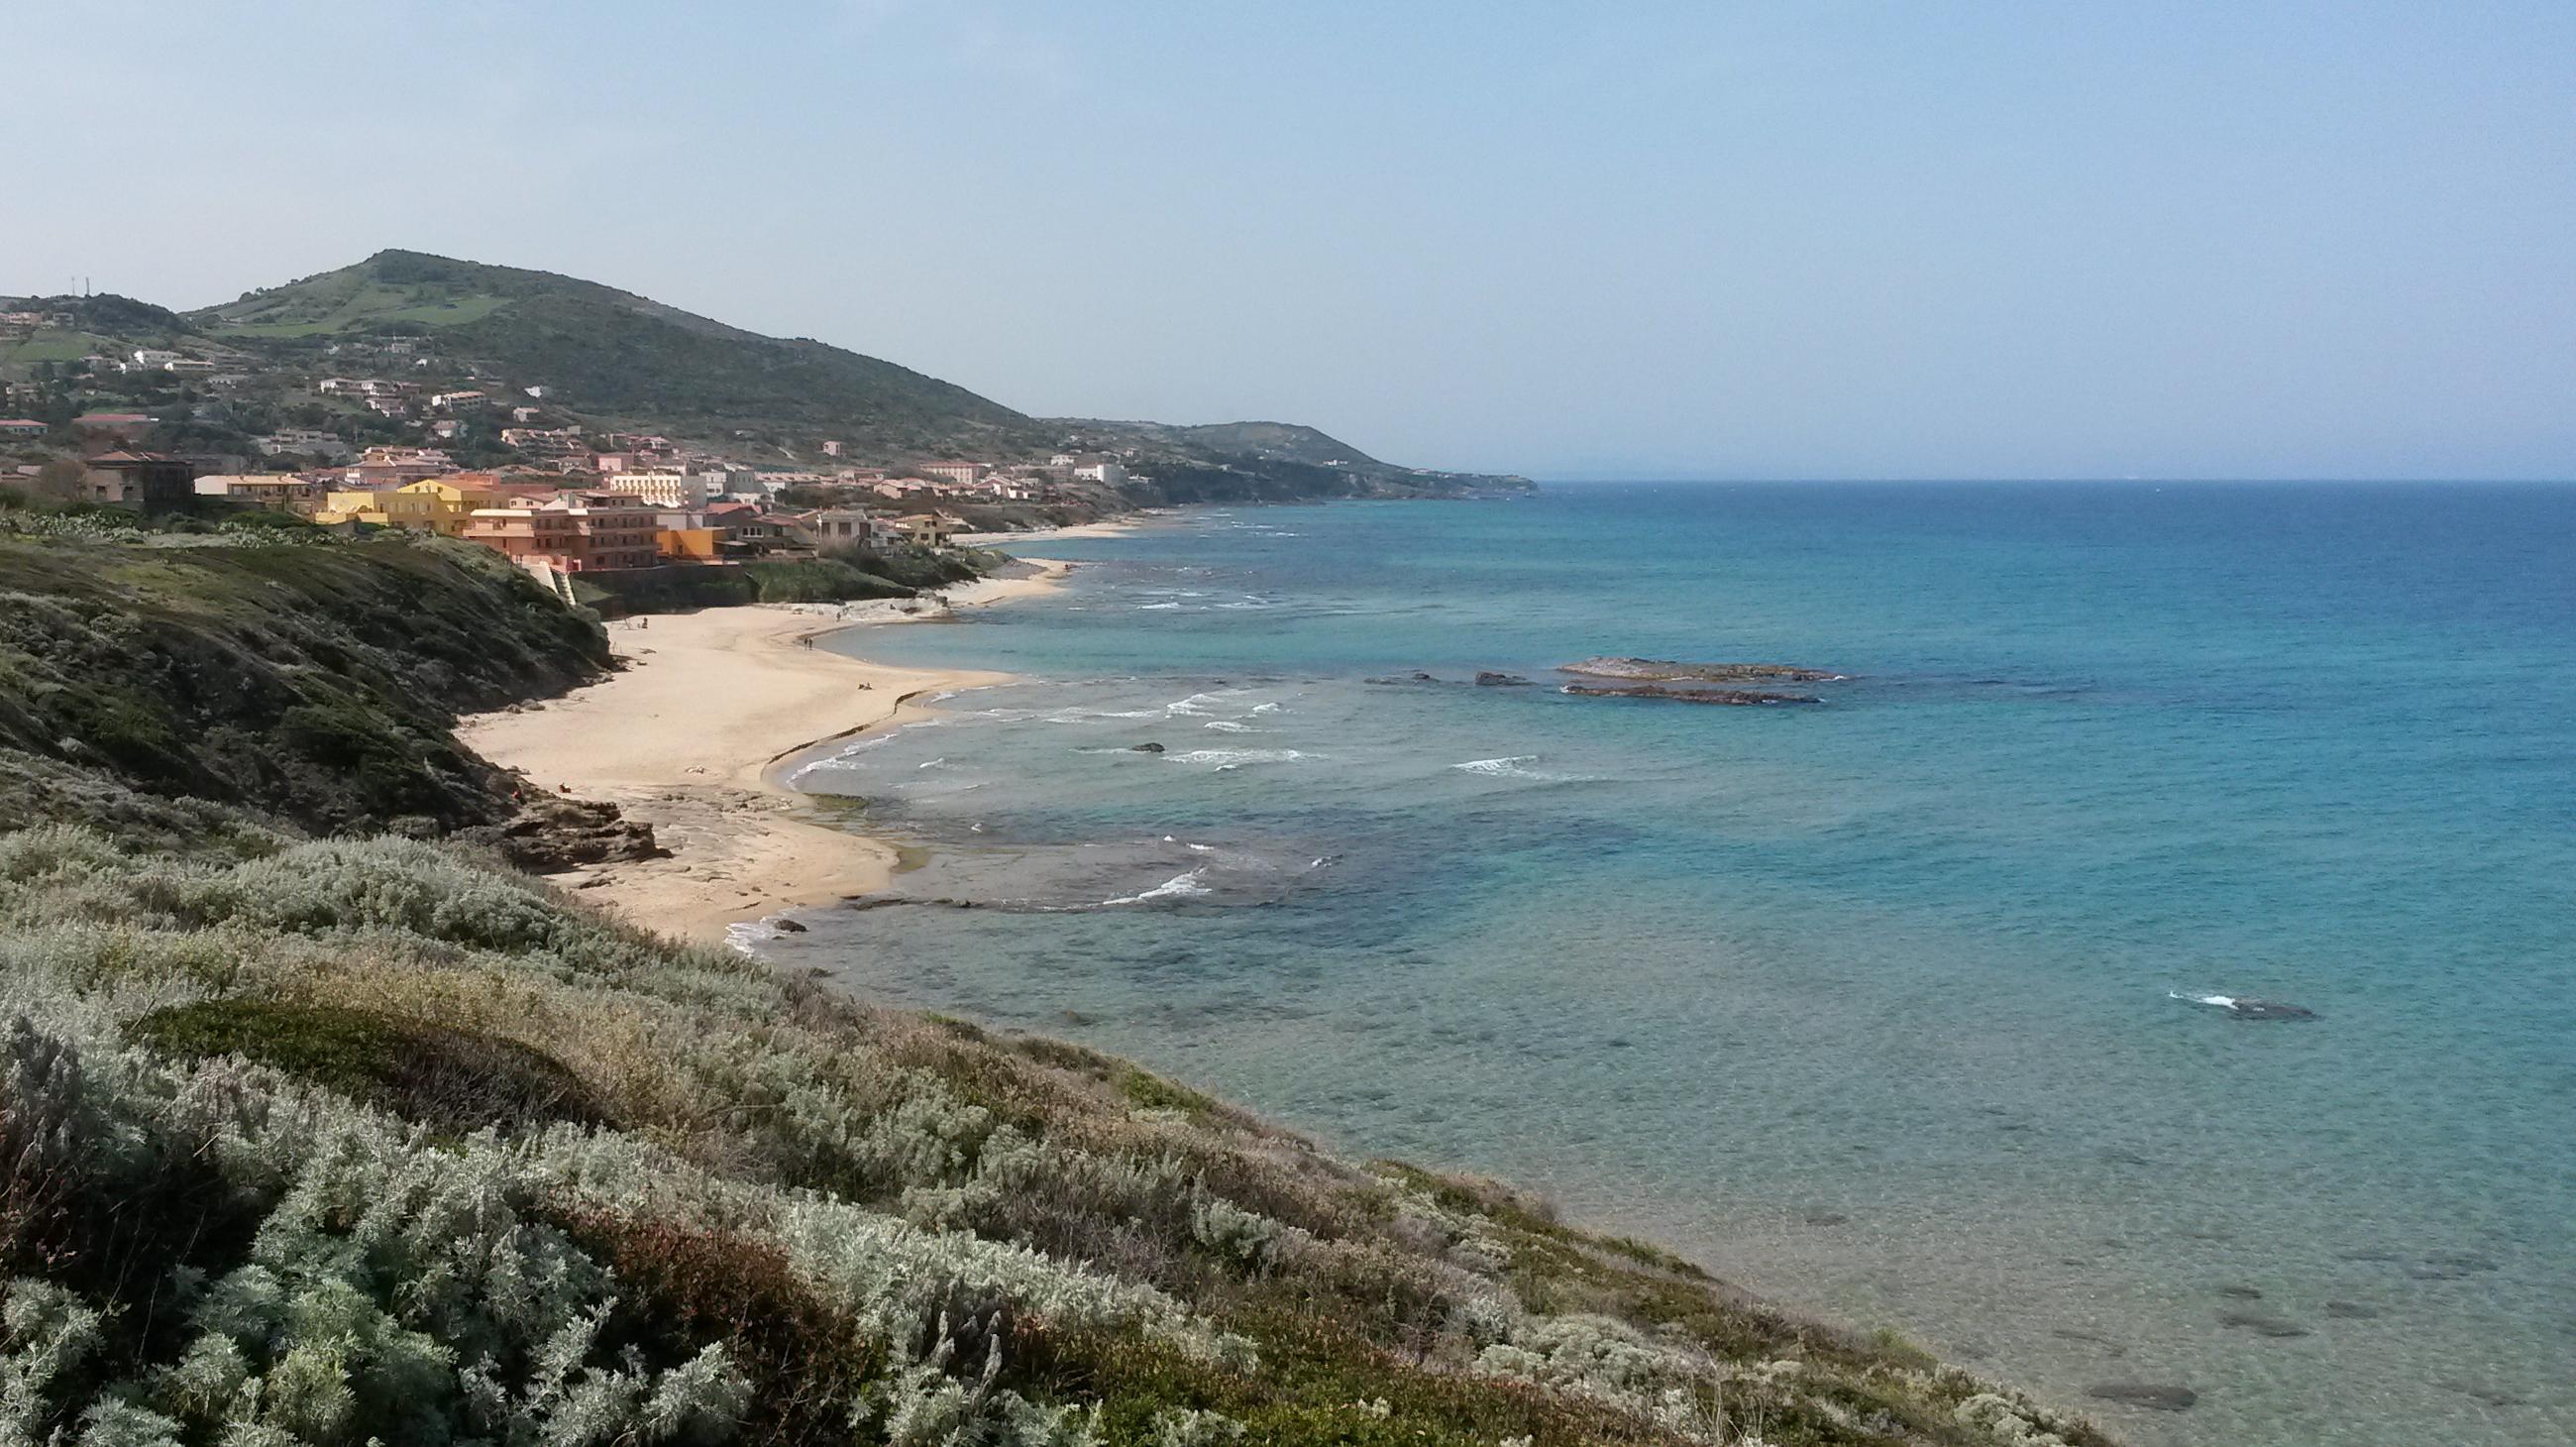 LuBagnu Vacanze - Holiday house in Lu Bagnu Castelsardo, Sardinia